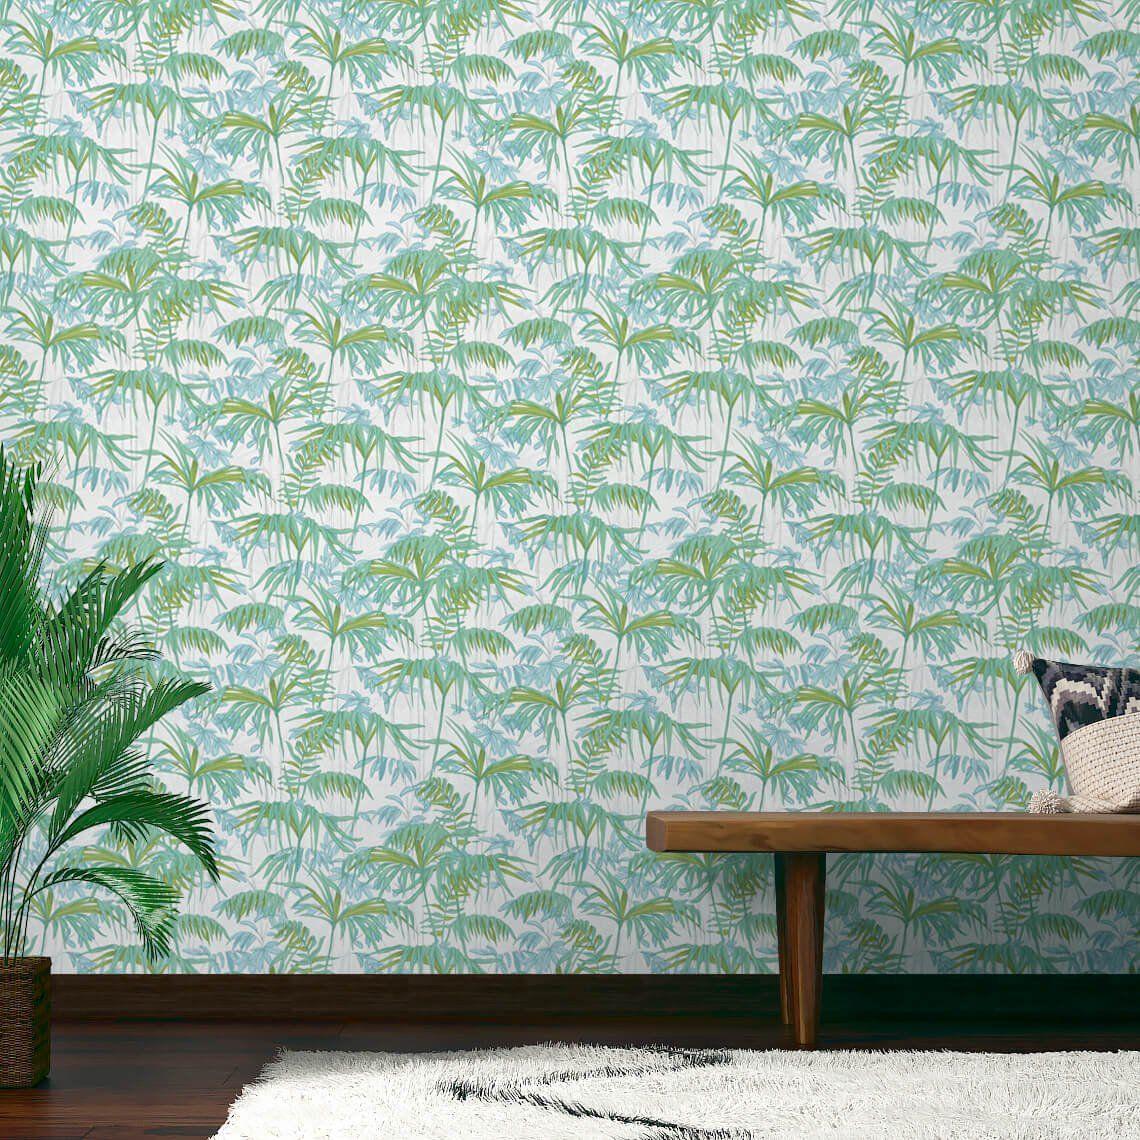 Decoller Papier Peint Intissé papier peint amazonia, vinyle sur intissé exotique, vert